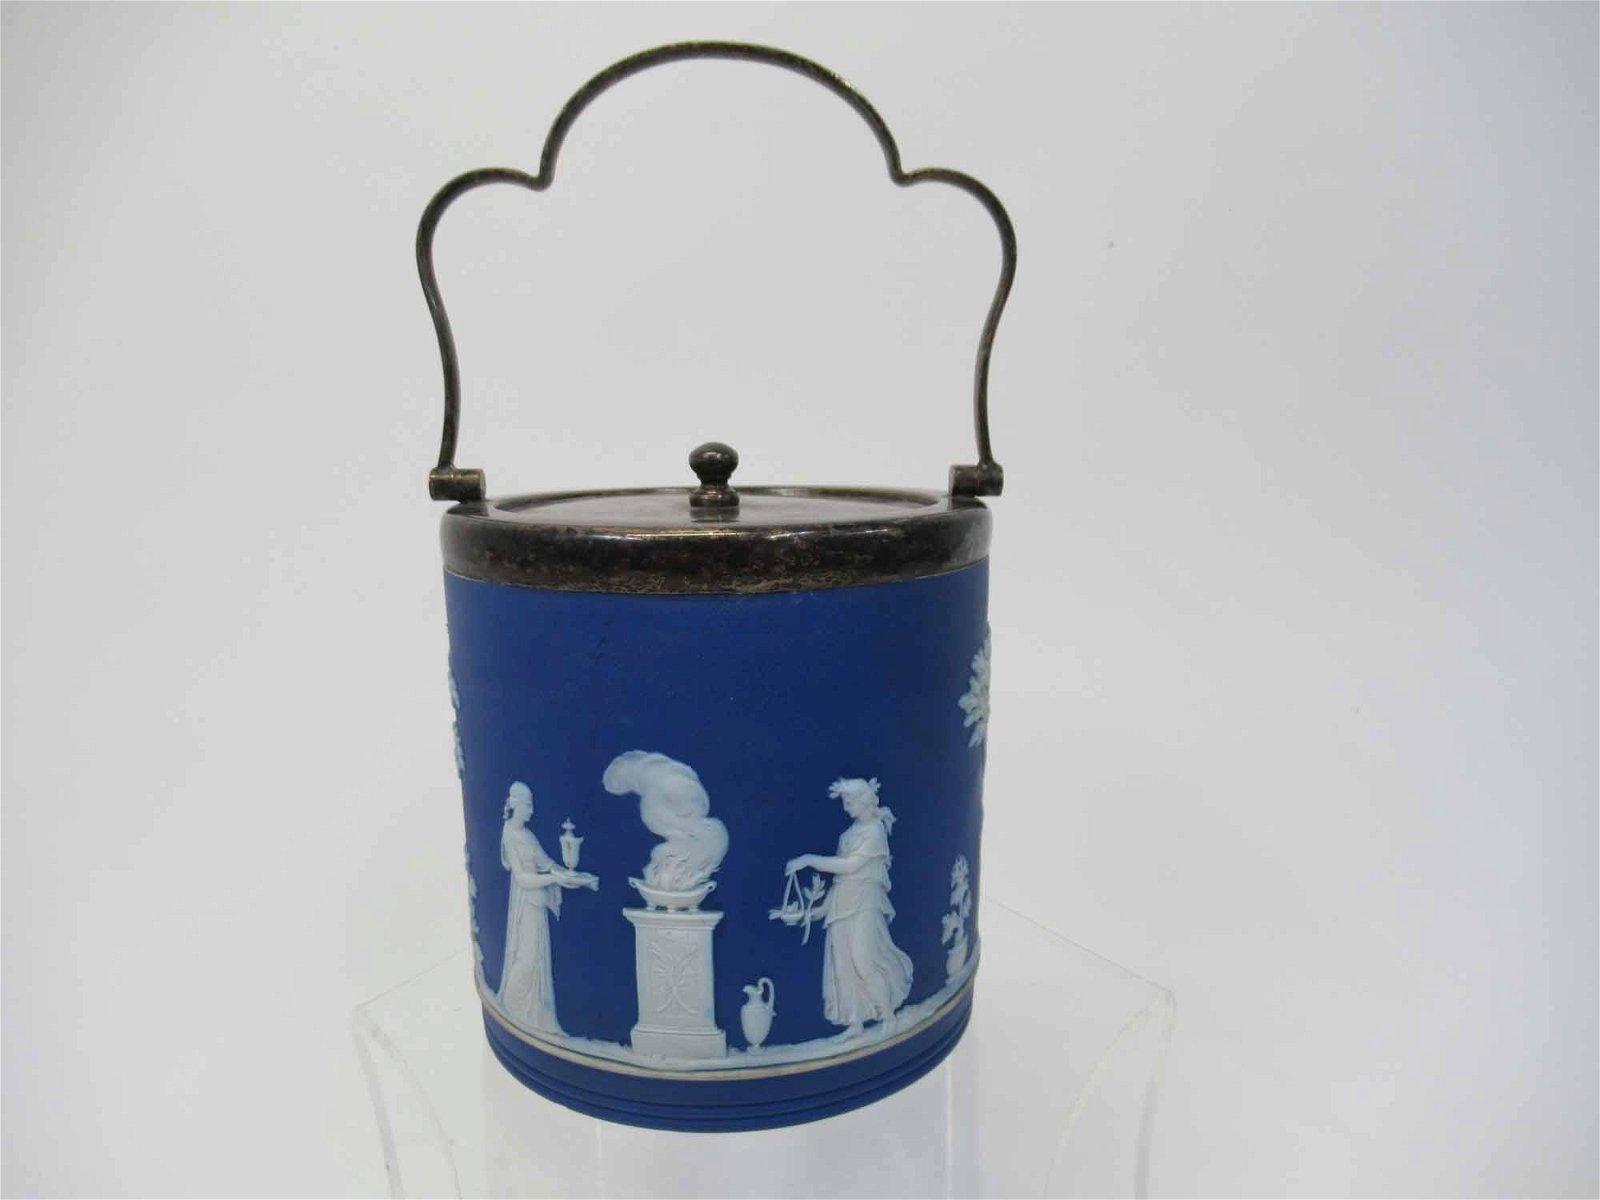 Wedgwood Jasperware Royal Blue Biscuit Jar